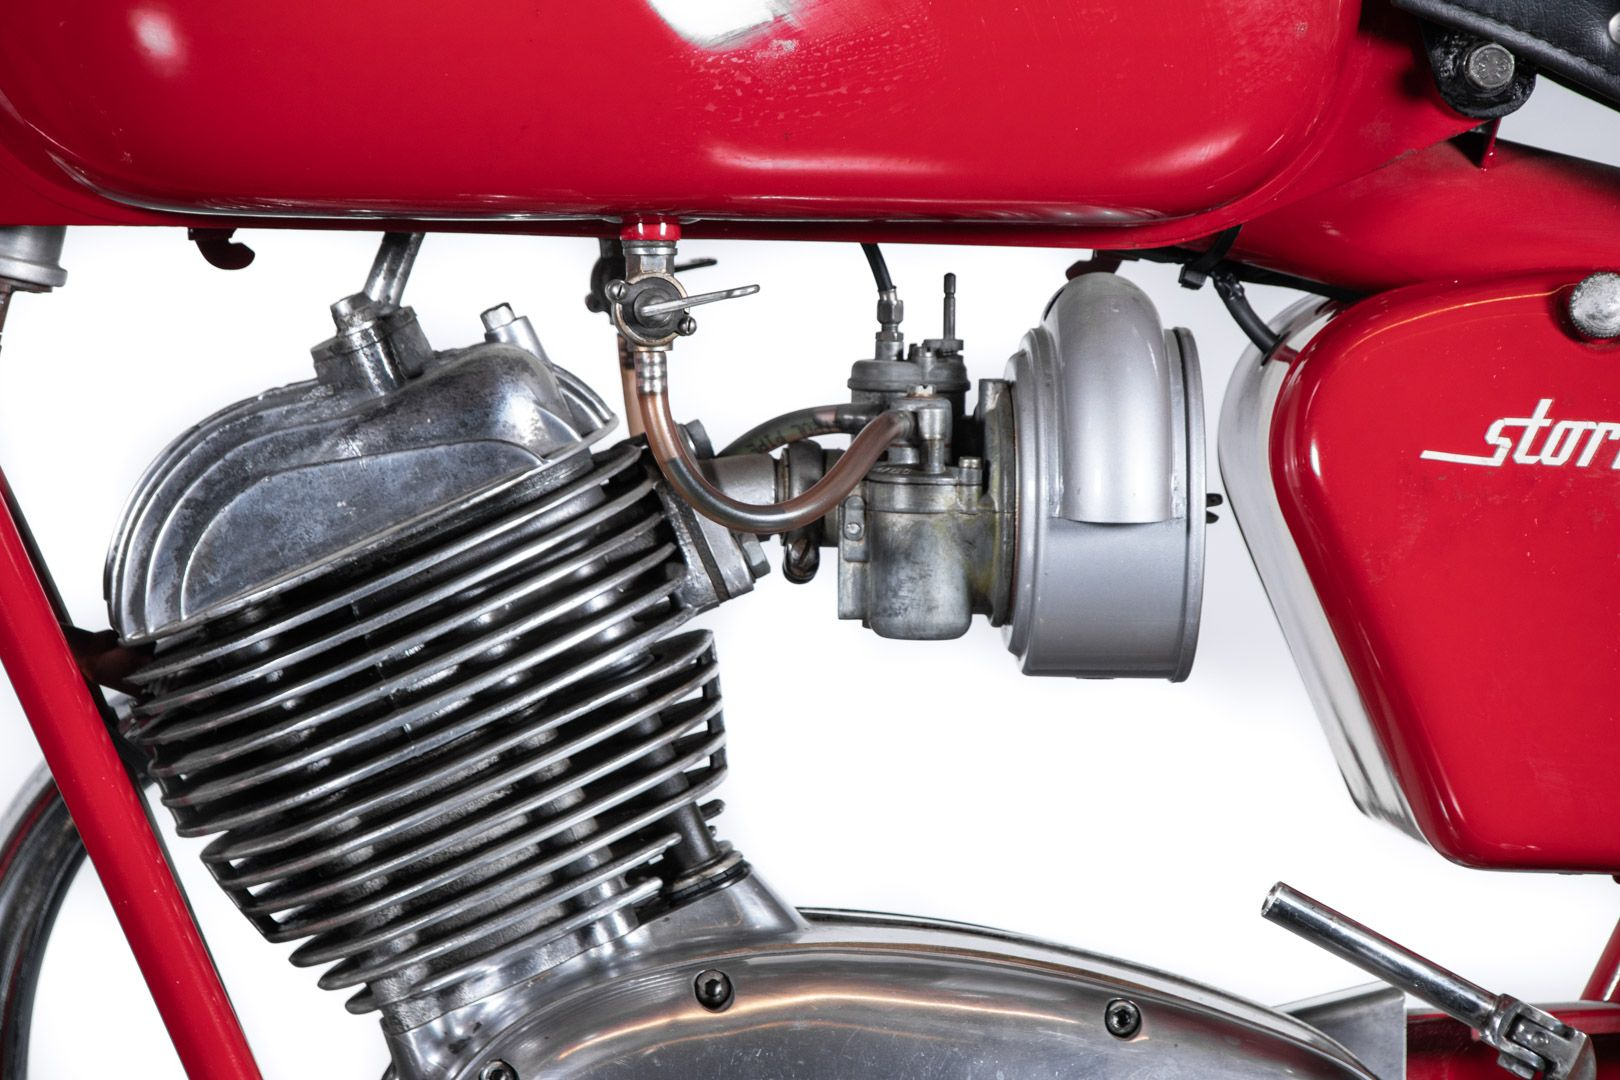 1963 Moto Guzzi Stornello 125 82239